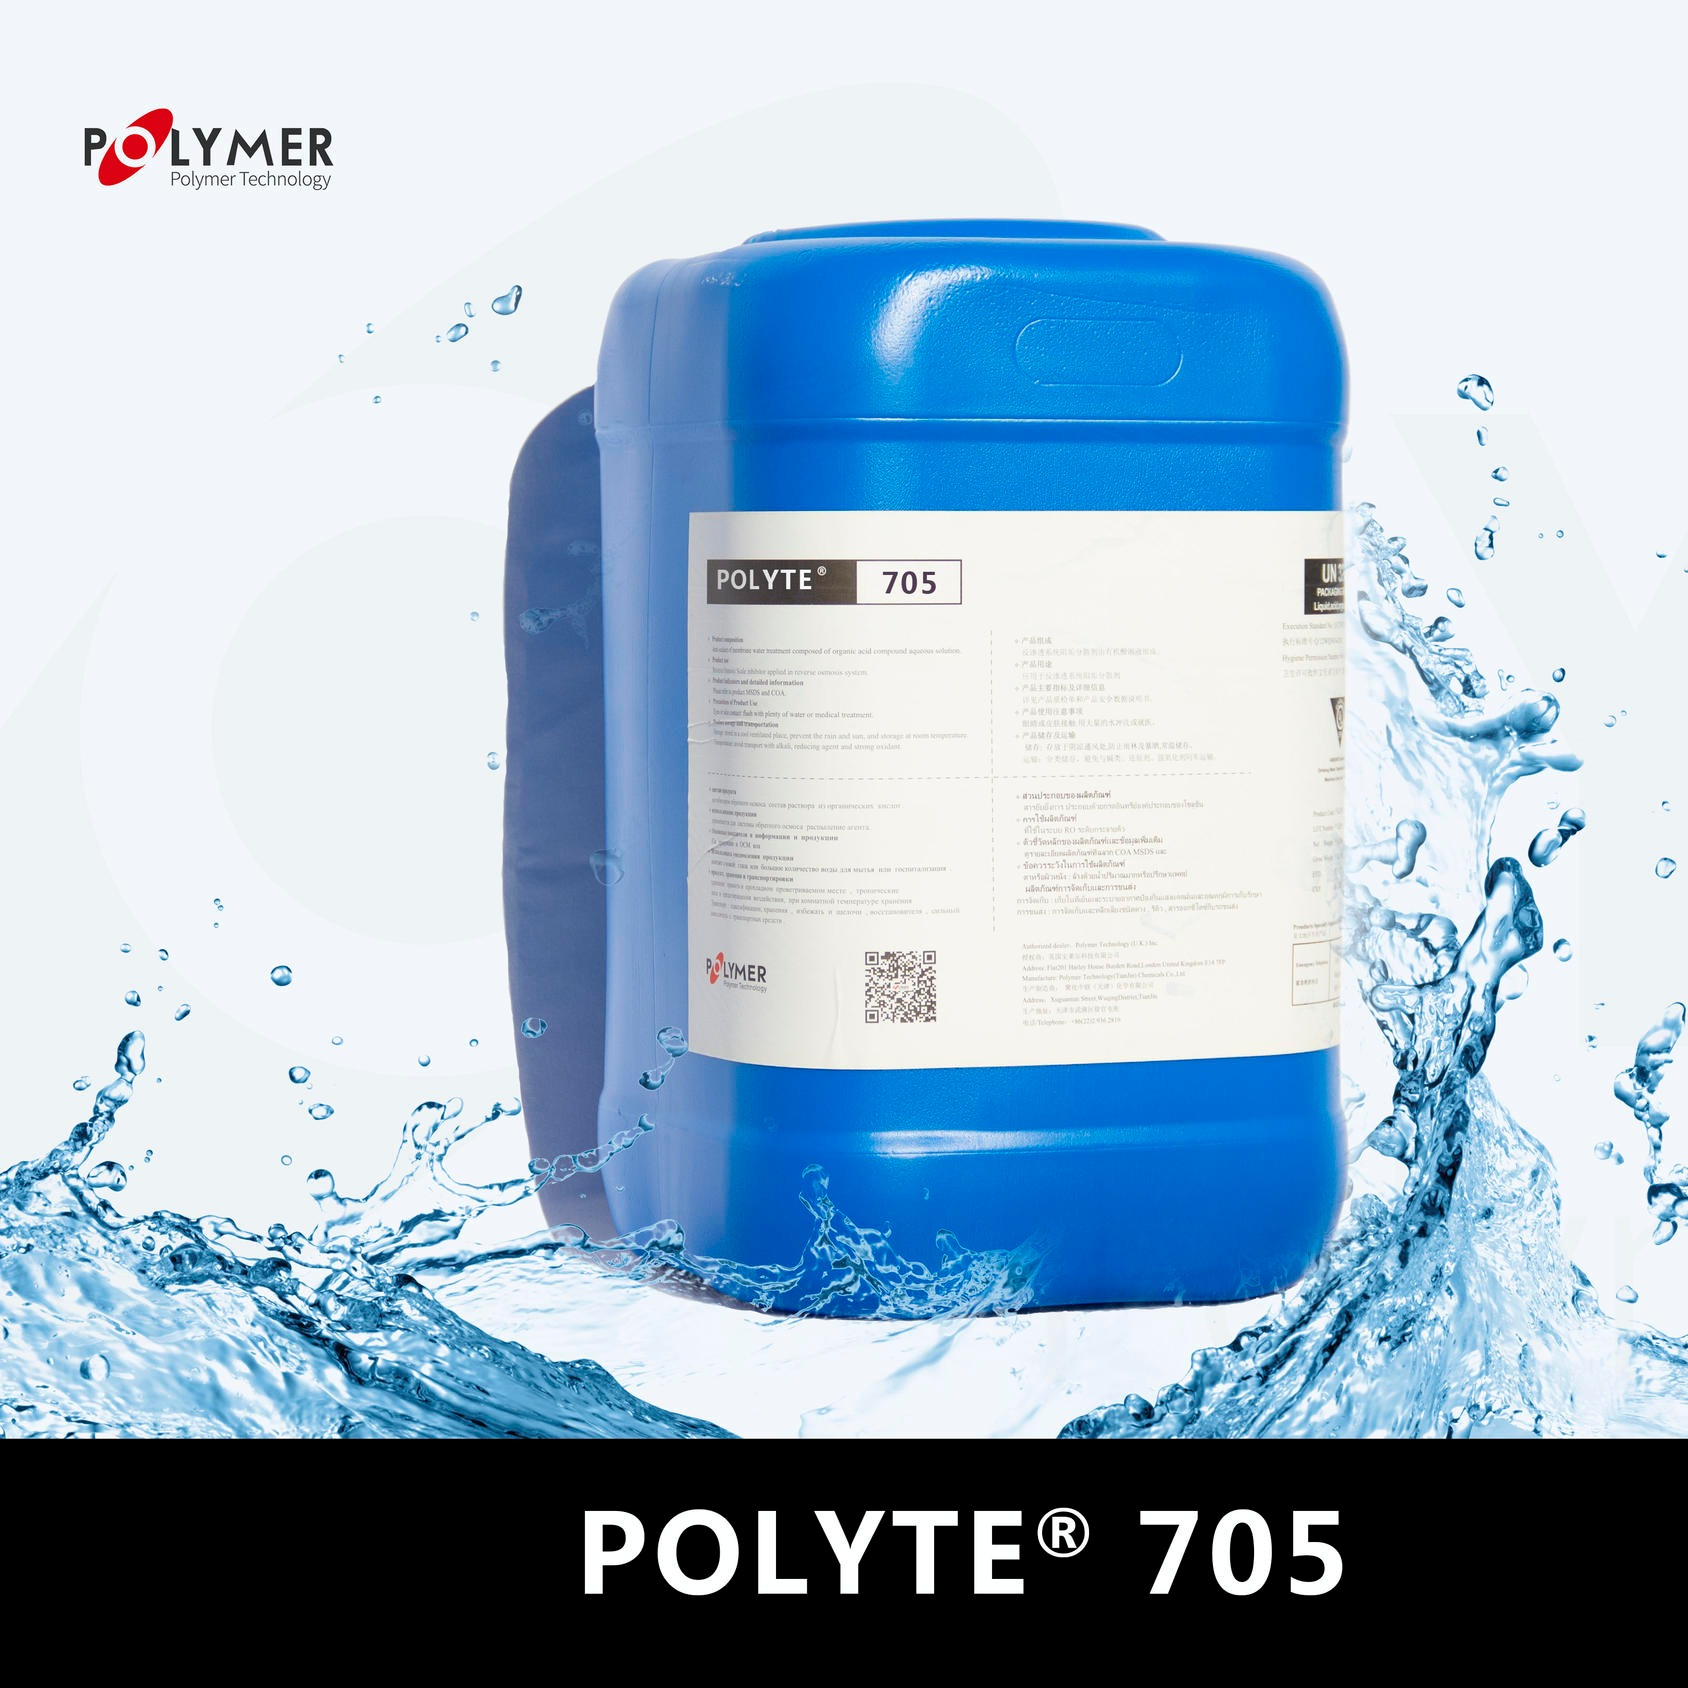 宝莱尔 絮凝剂 POLYTE 705 英国POLYMER品牌  厂家直供 PAC  PAM 价格面议  批发